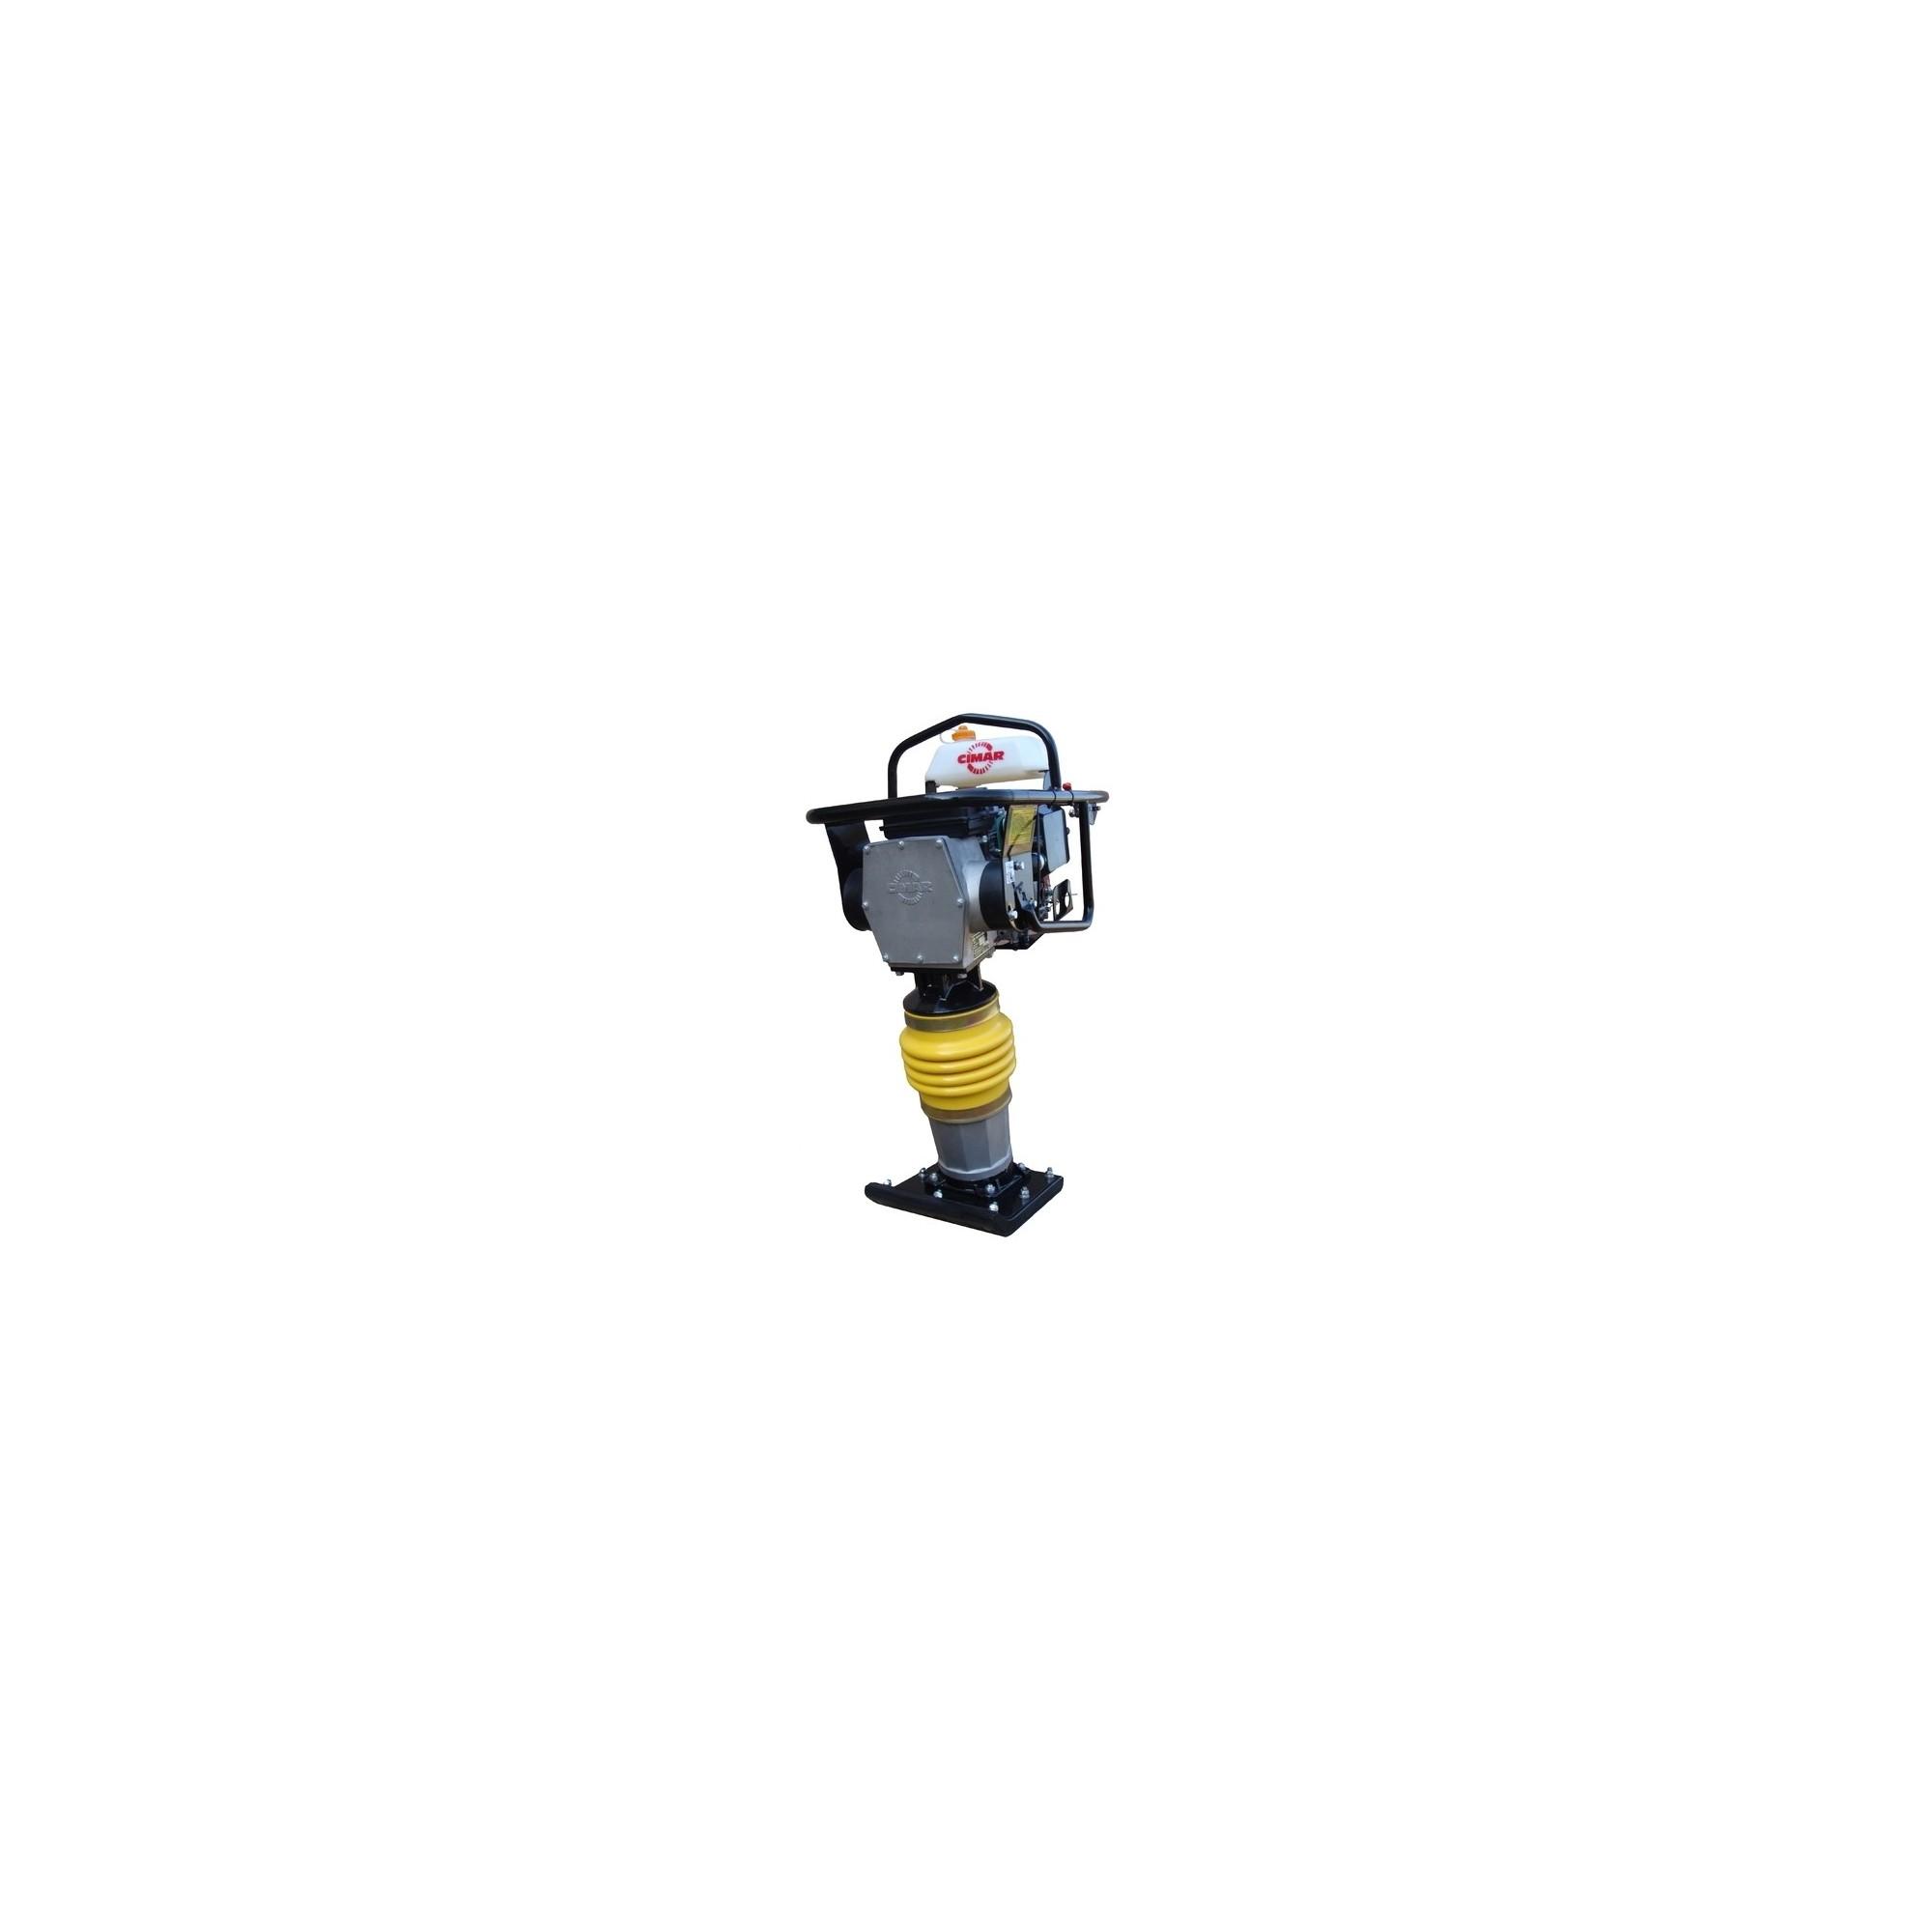 PISON COMPACTADOR ITCPOWER-ROBIN CT73P-2A